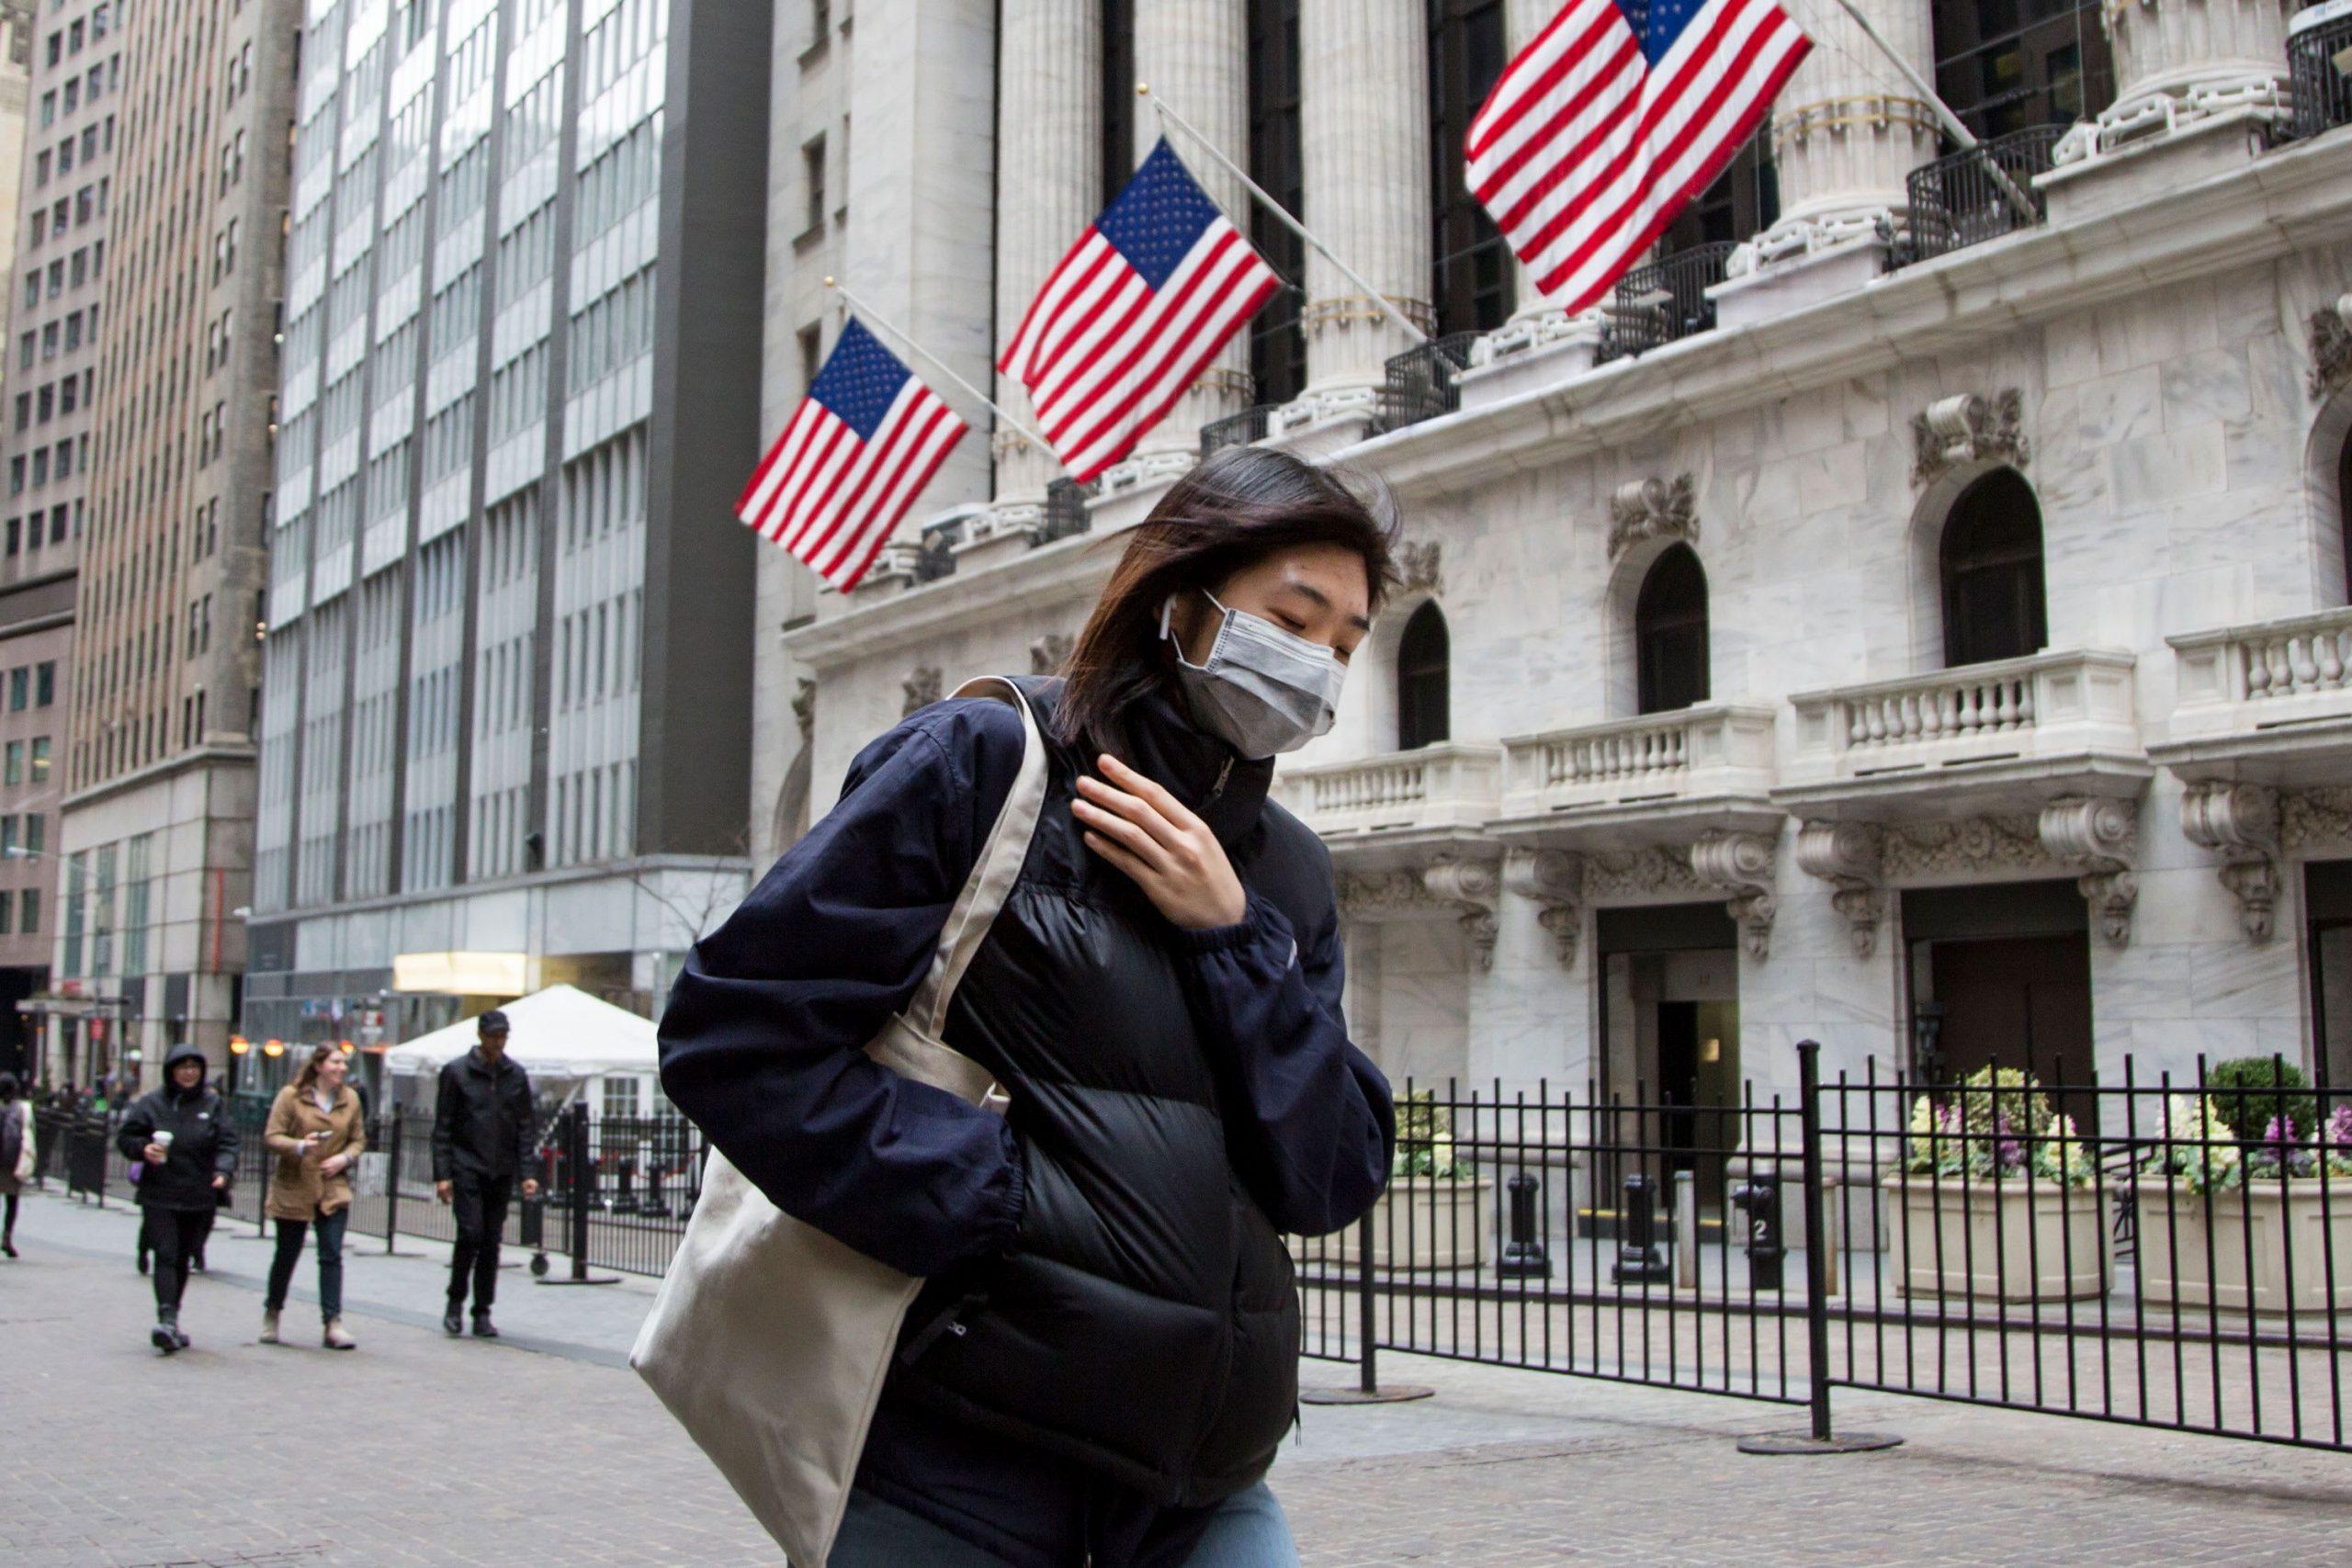 سهام نزدک داوجونز کرونا 1 scaled - ۵ نکته که پیش از شروع بازار سهام باید بدانید؛ چهارشنبه ۵ آگوست (۱۵ مرداد)